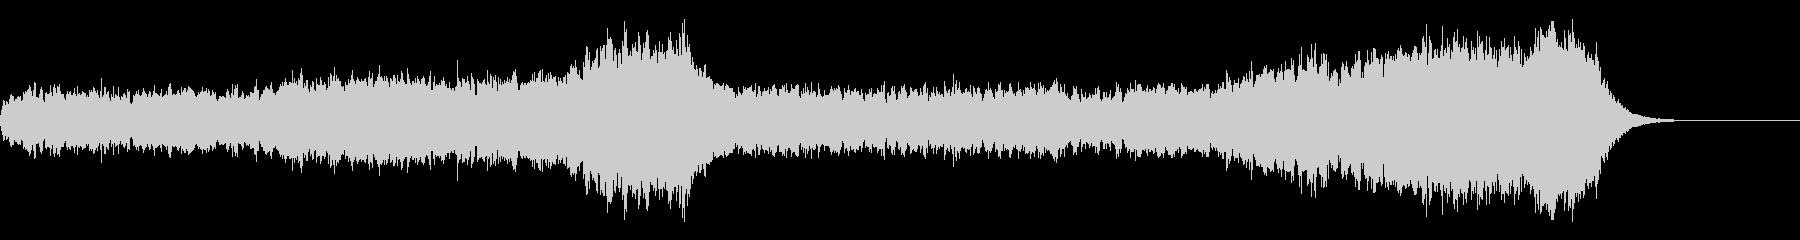 約一分のパイプオルガンオリジナル前奏曲の未再生の波形